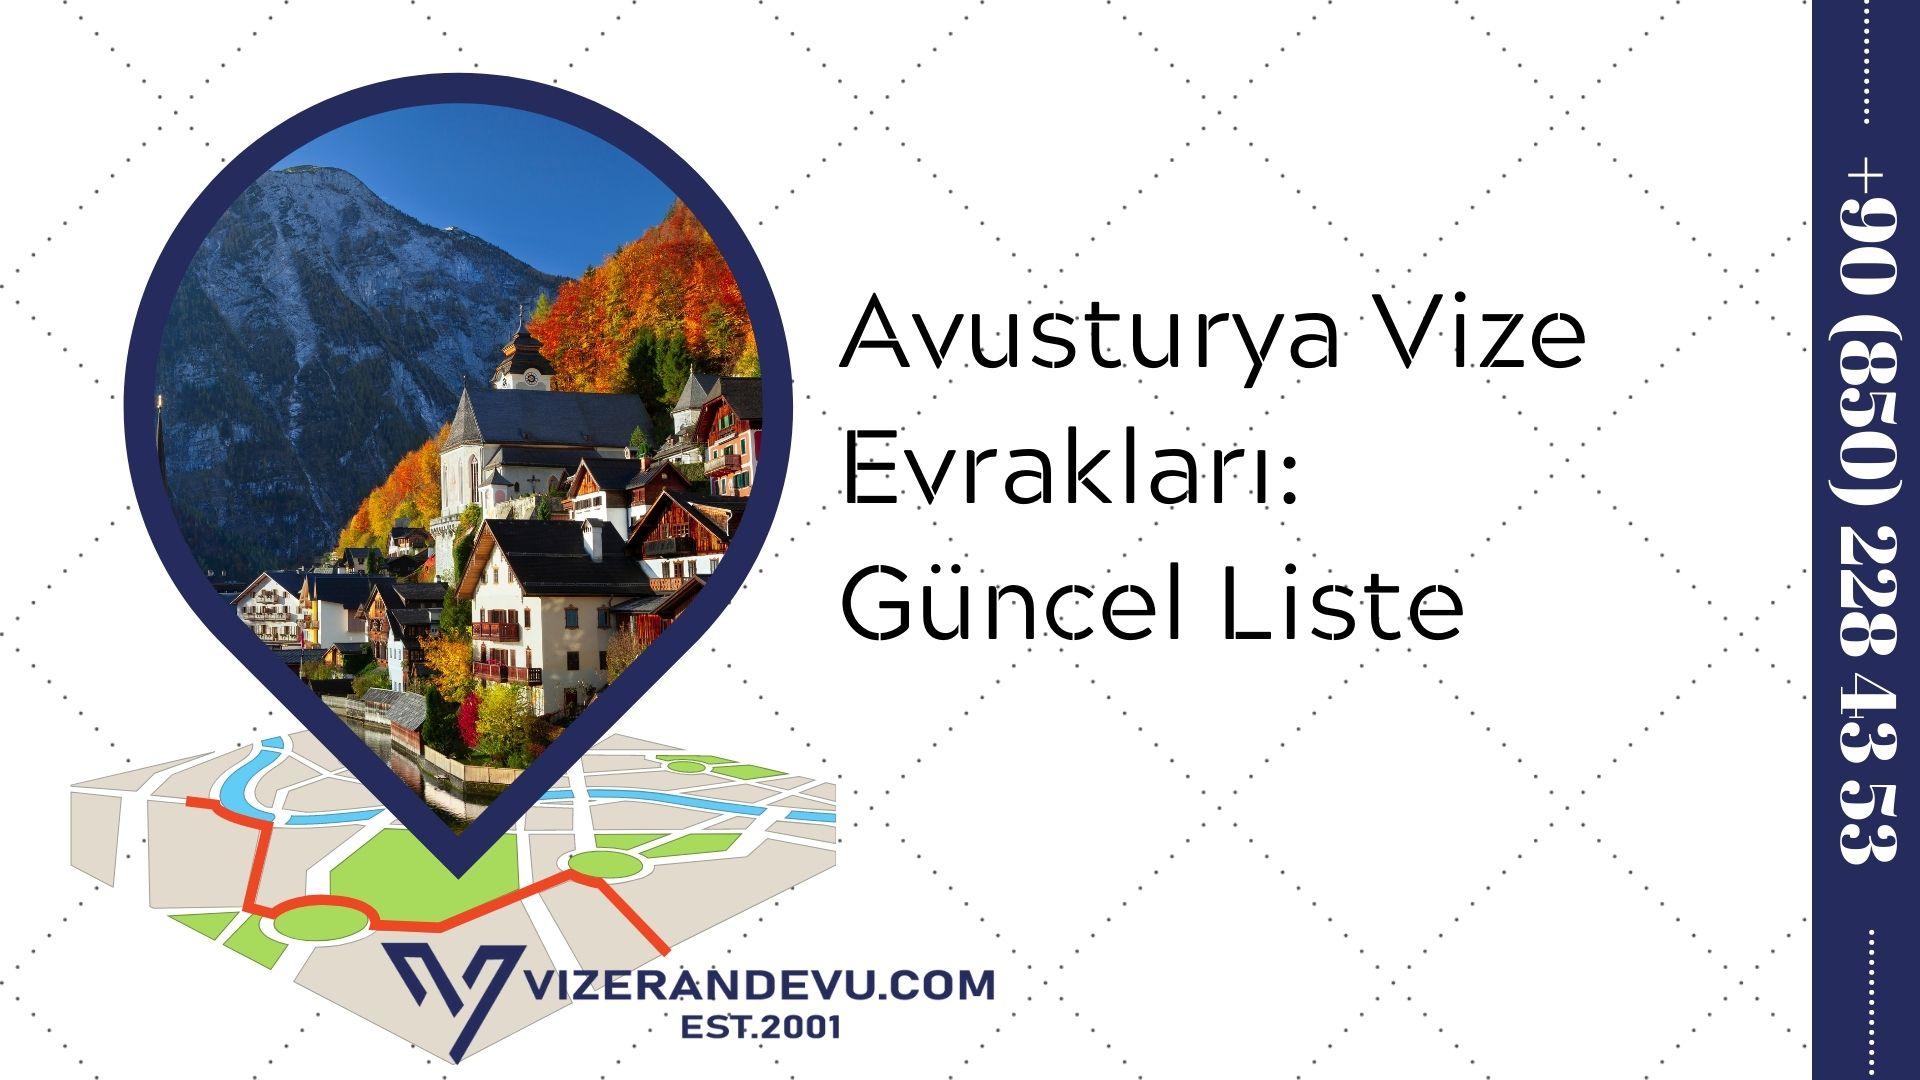 Avusturya Vize Evrakları: Güncel Liste 2021